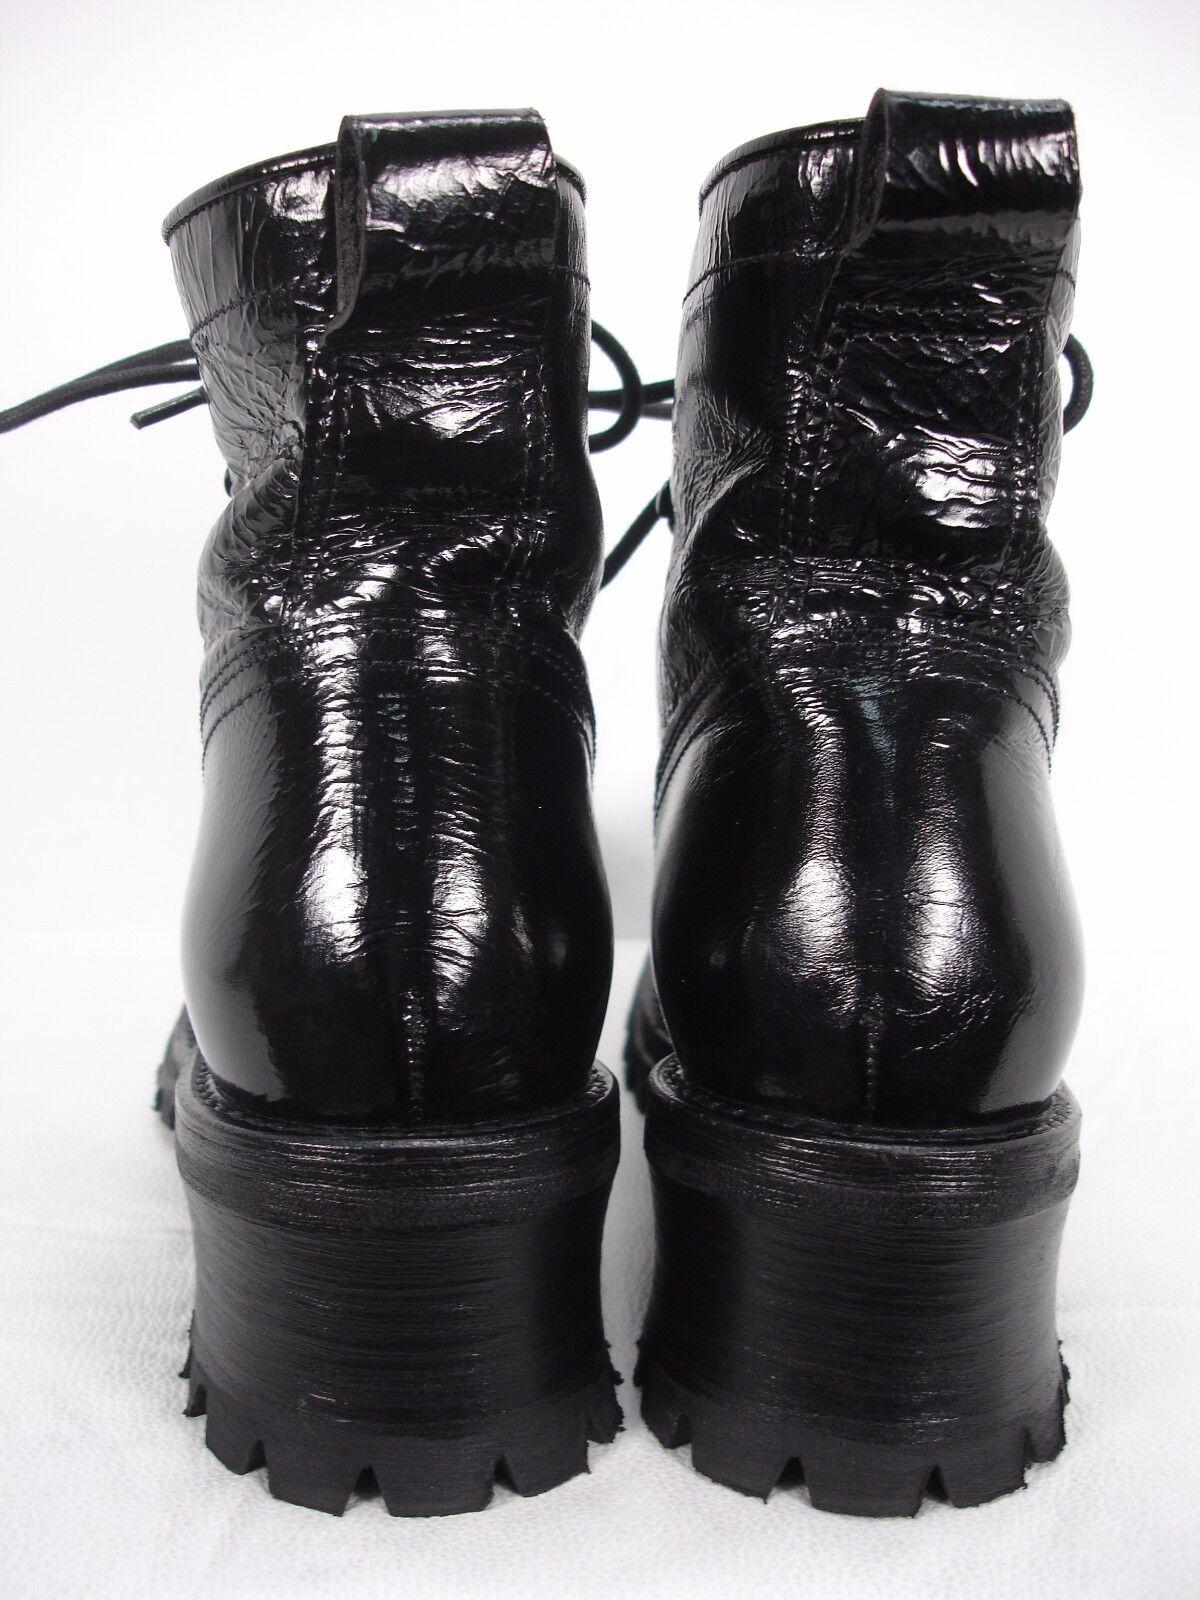 De Botas hecho en Italia Charol Negro Botas De al tobillo con cordones para mujer 37 5c5647